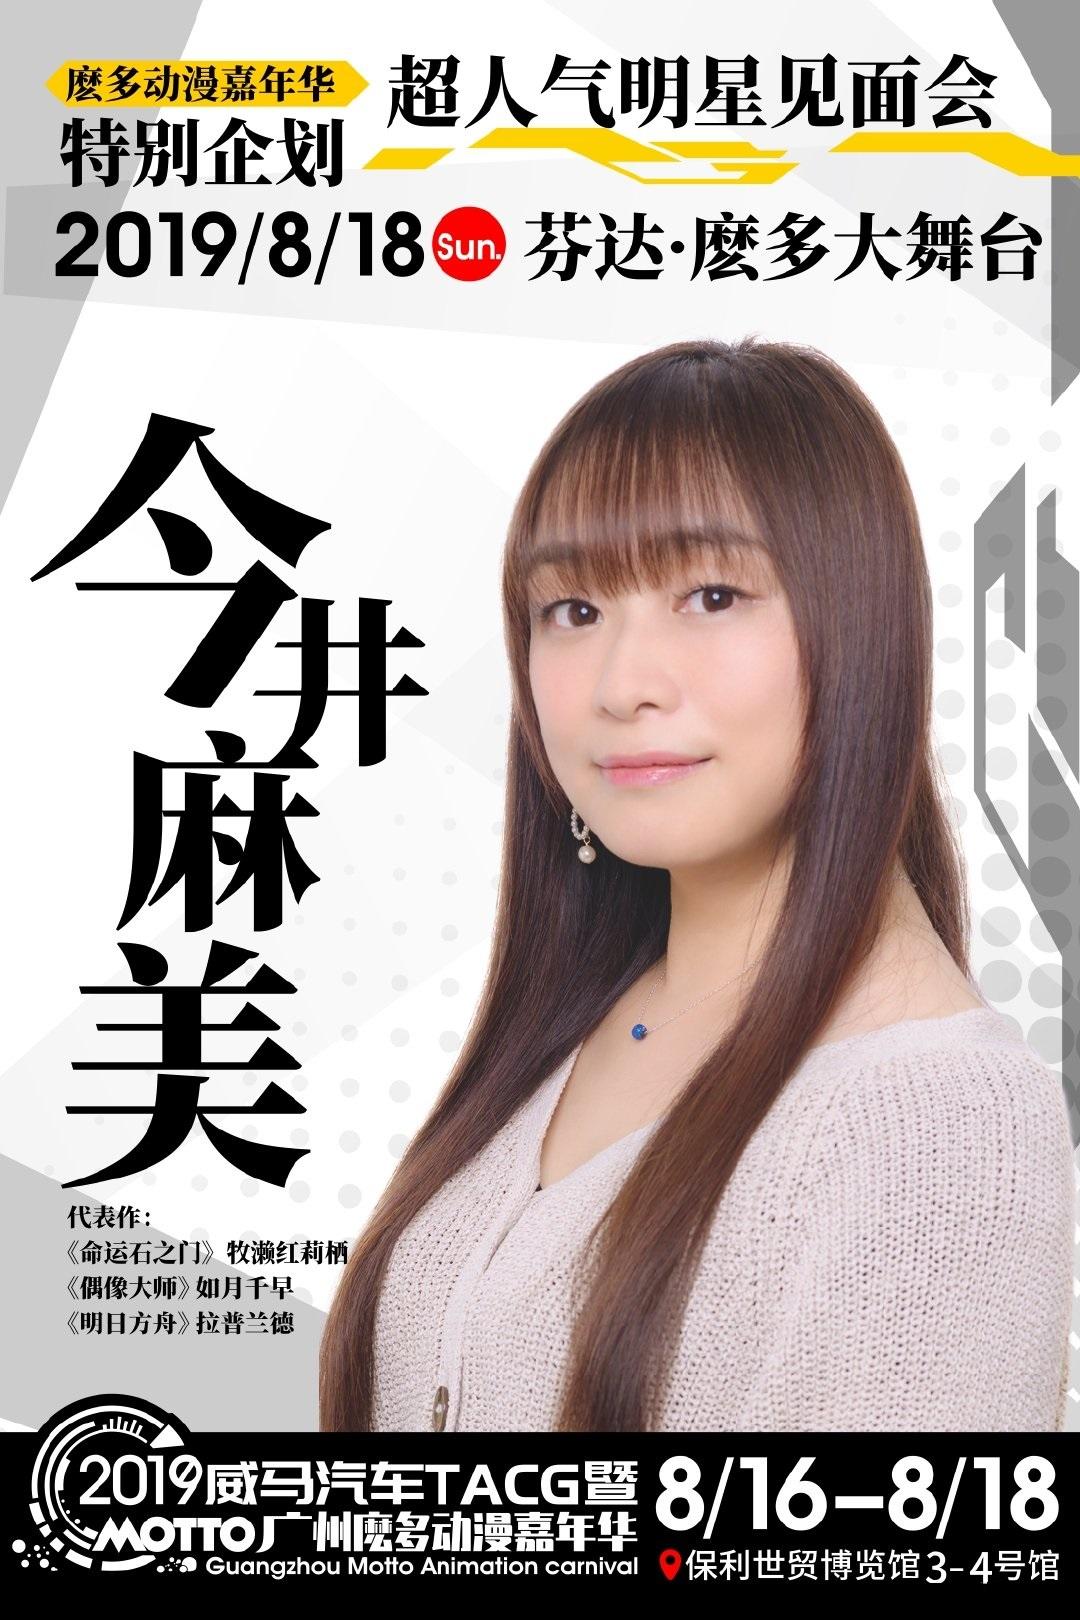 広州MOTTOに、今井麻美さんのトークショウが発表&ステージ時間まとめ